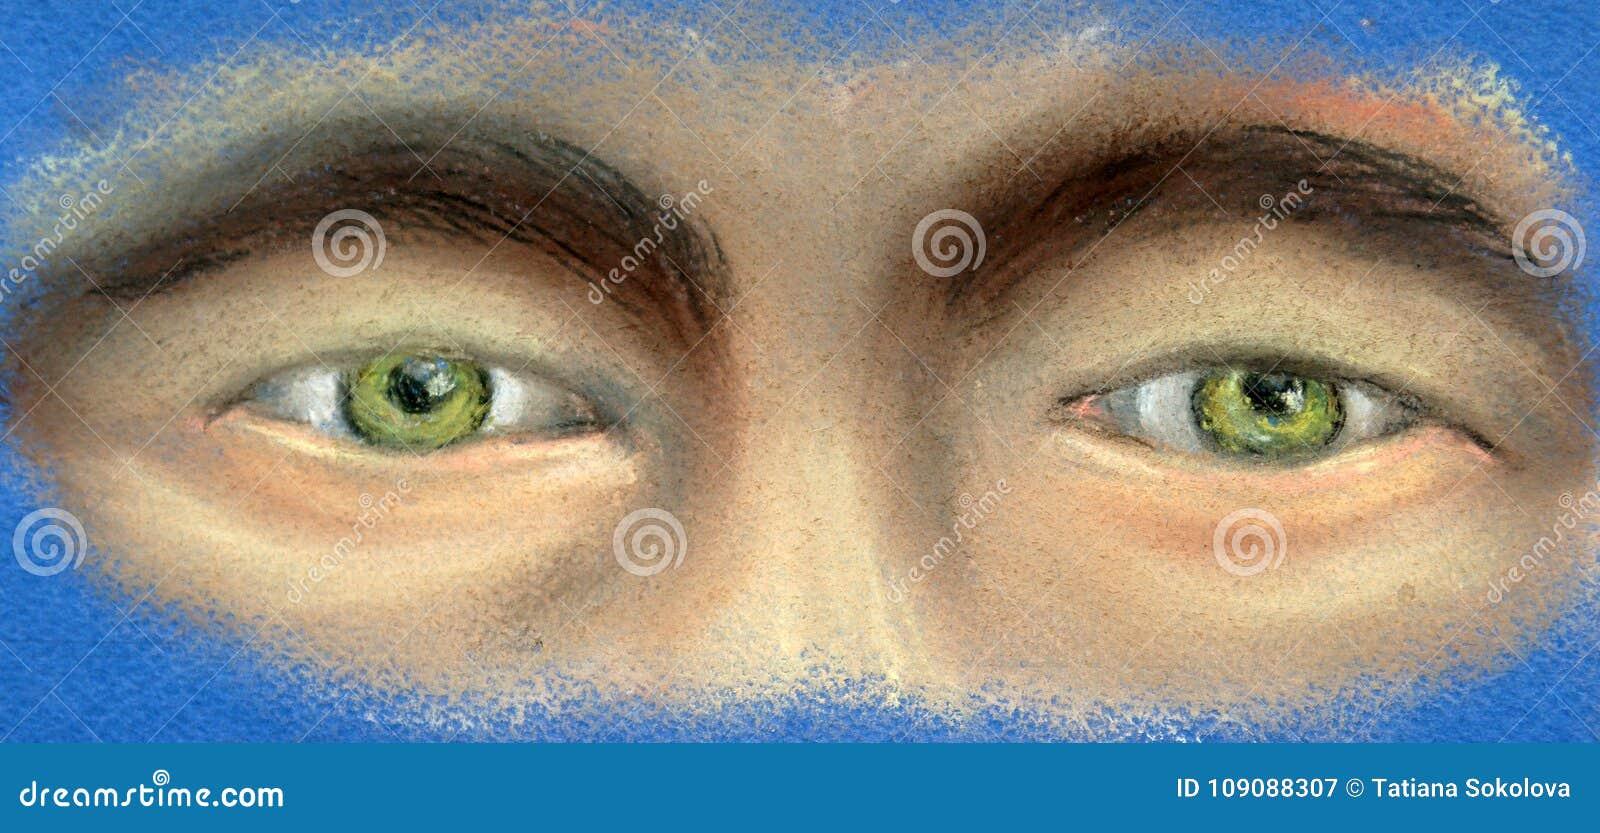 Часть стороны - 2 зеленых глаза